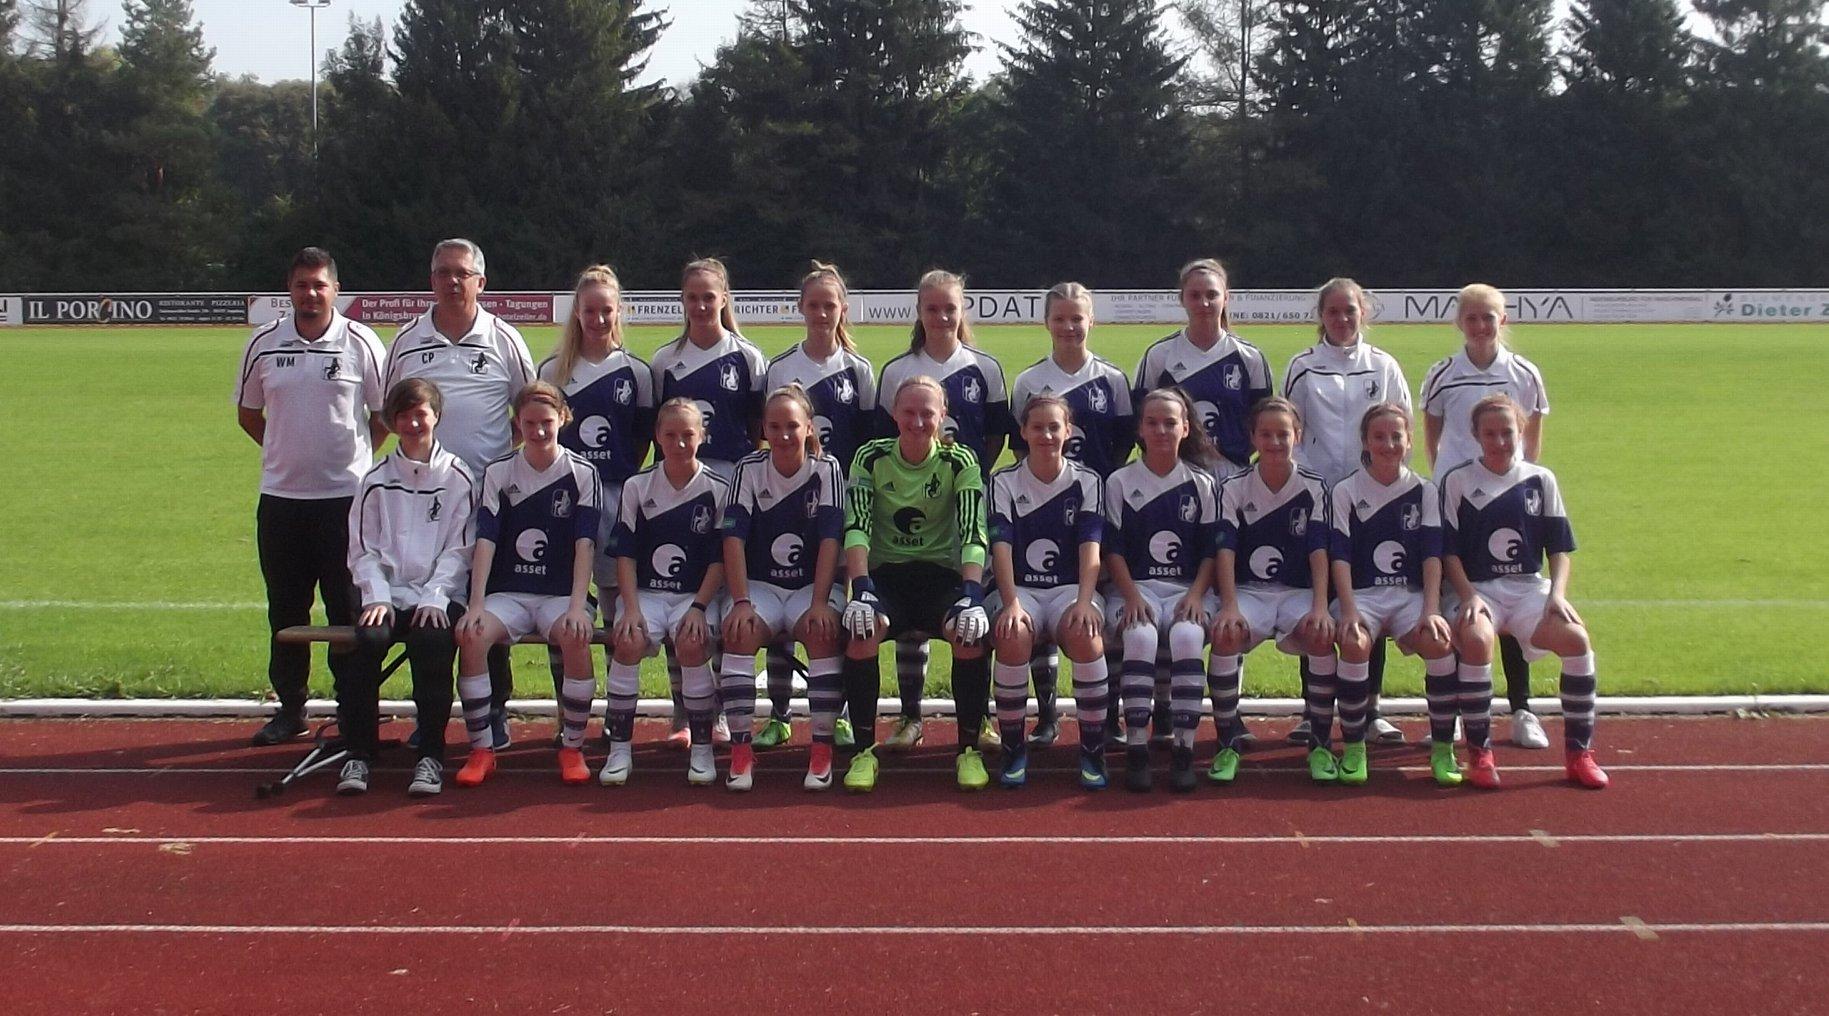 TSV Schwaben Augsburg U17 (B2) Juniorinnen - Saison 2018/2019 Foto: TSV Schwaben Augsburg